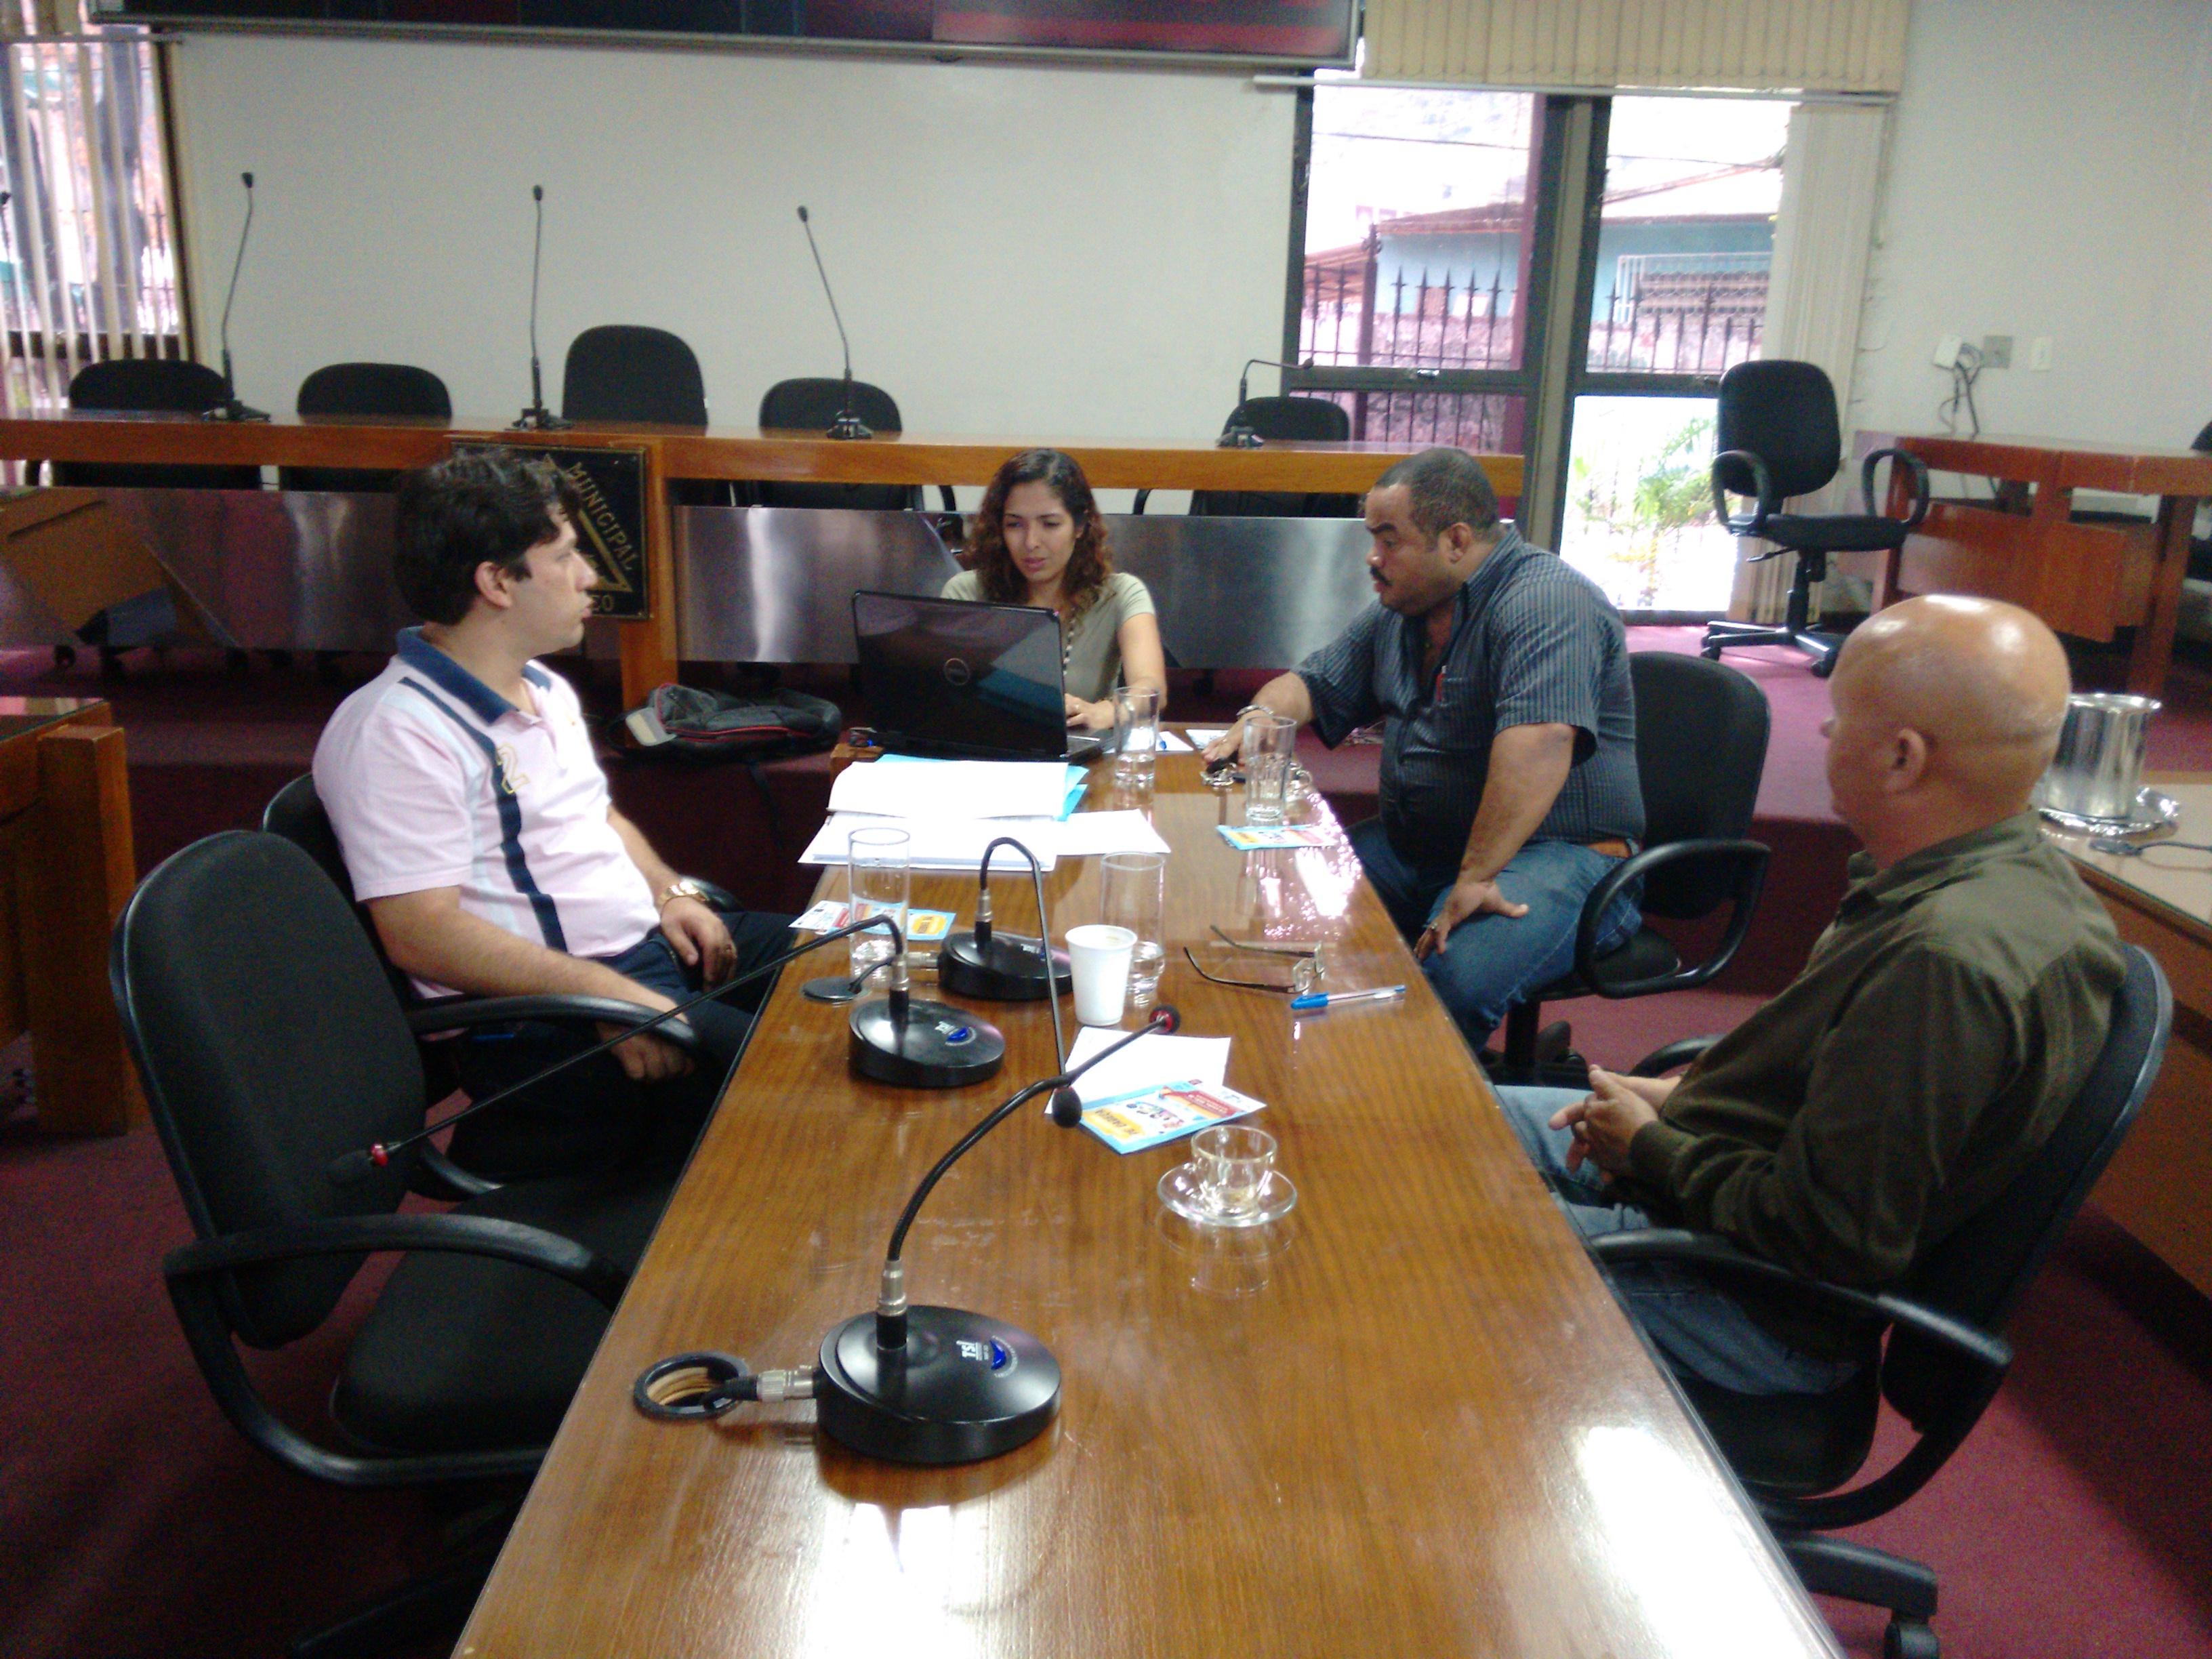 Relatório final de comissão aponta falhas na distribuição do lanche